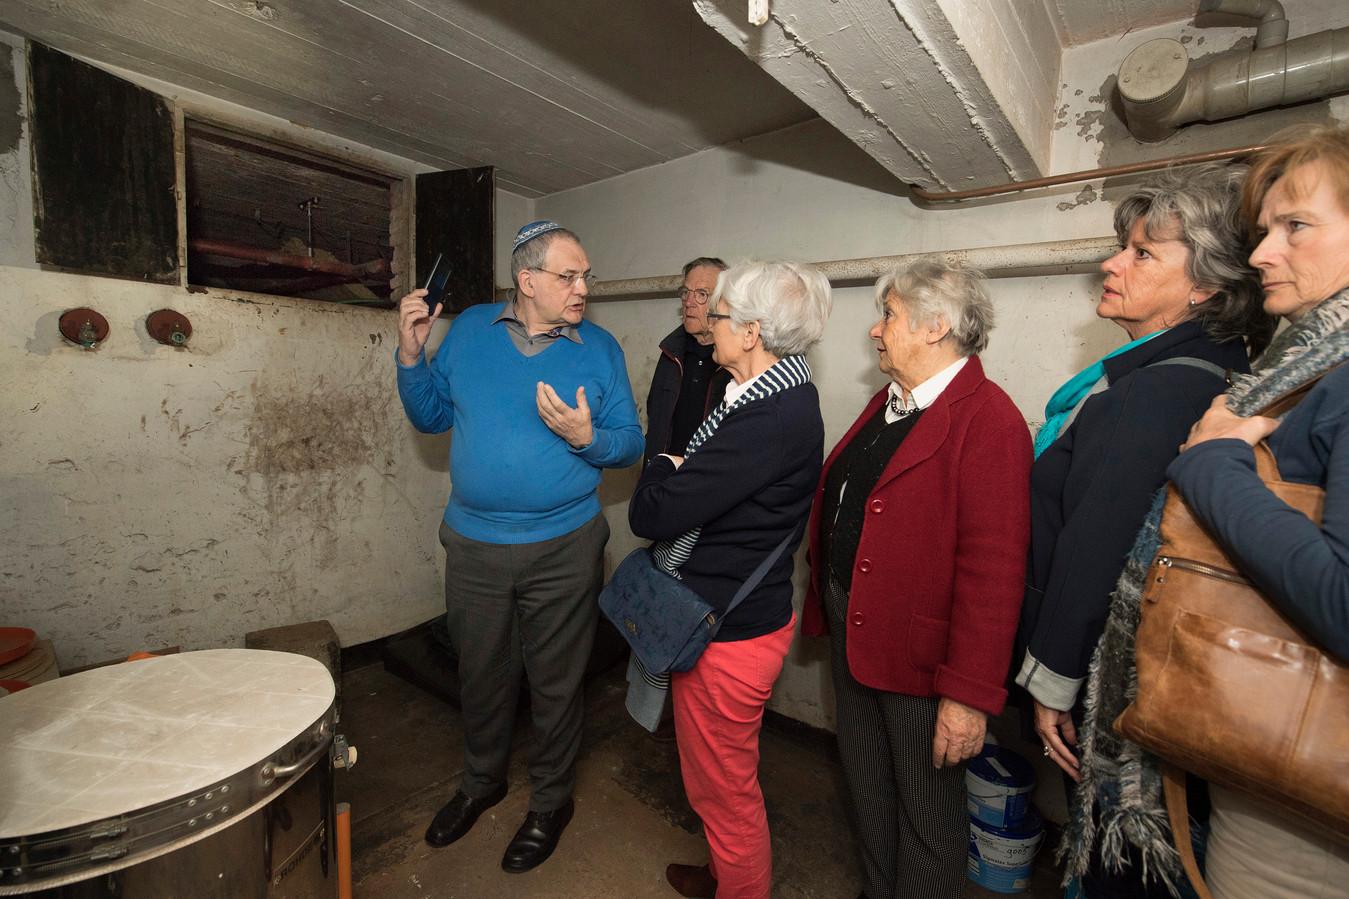 Joop van Dijk laat bezoekers de schuilplaats van 2 Joodse families zien in de kruipruimte van de Beekmanschool.